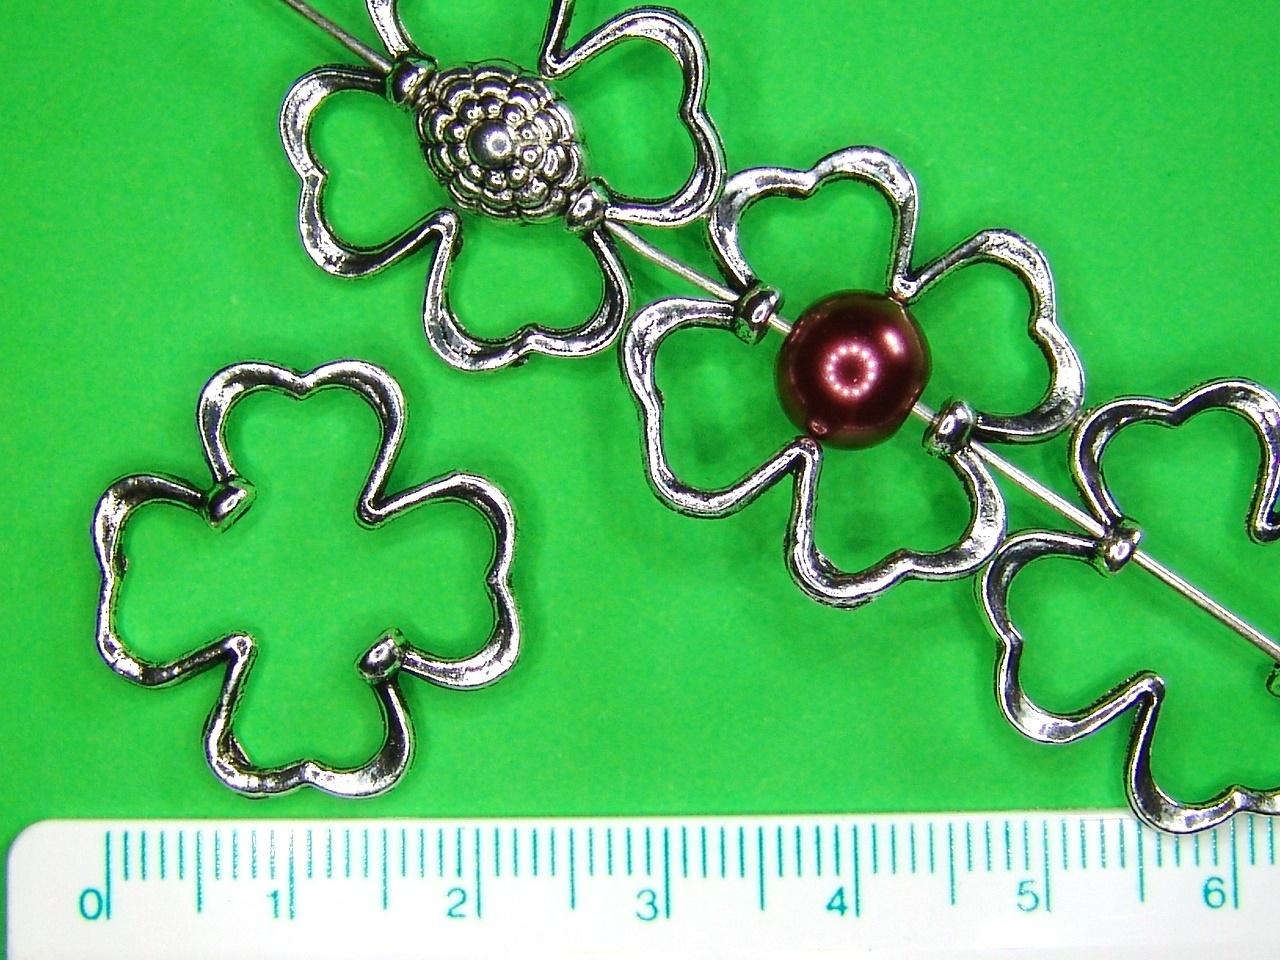 2x Rahmenperle Kleeblatt Metall - für Perlen bis Ø8mm kaufen